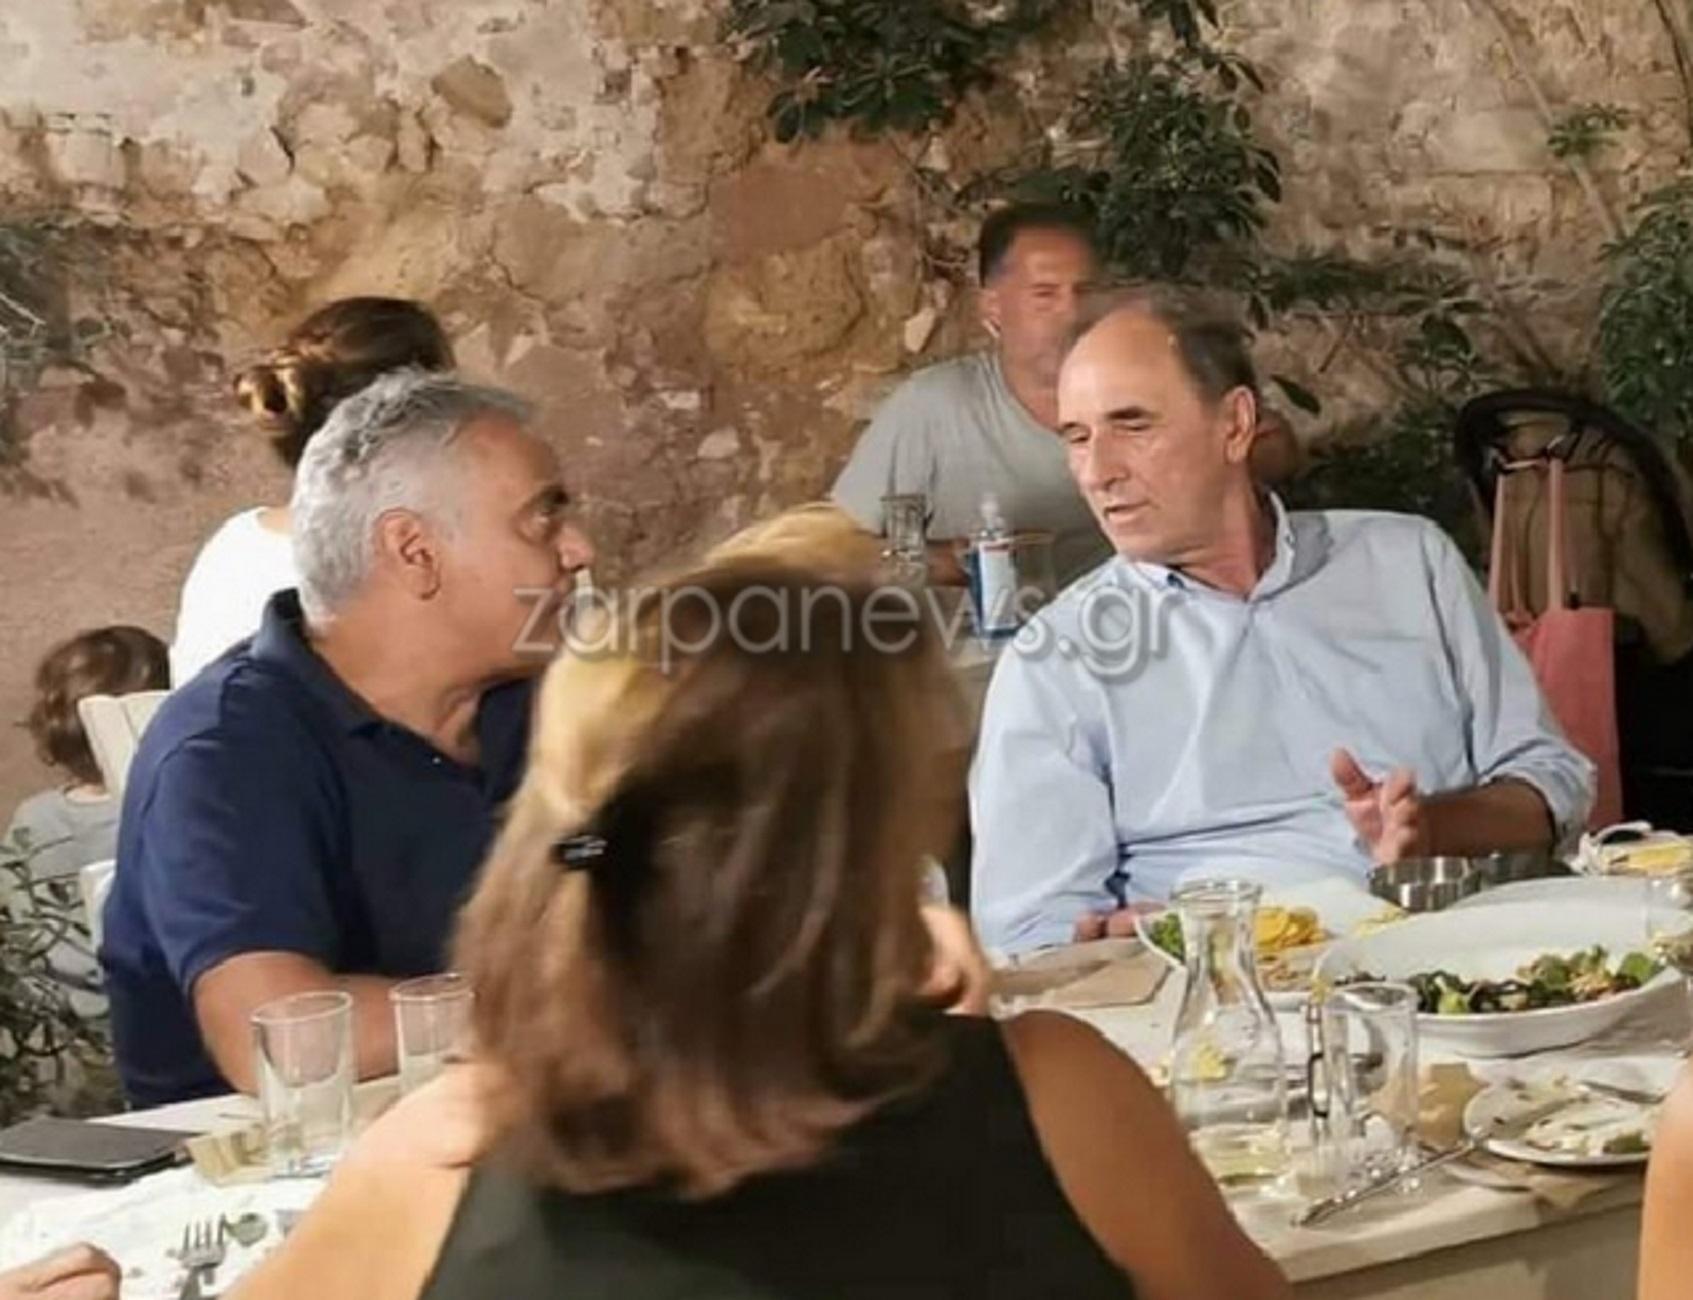 Χανιά: Οι διακοπές του Πάνου Σκουρλέτη και το δείπνο σε γνωστή ταβέρνα με τον Γιώργο Σταθάκη